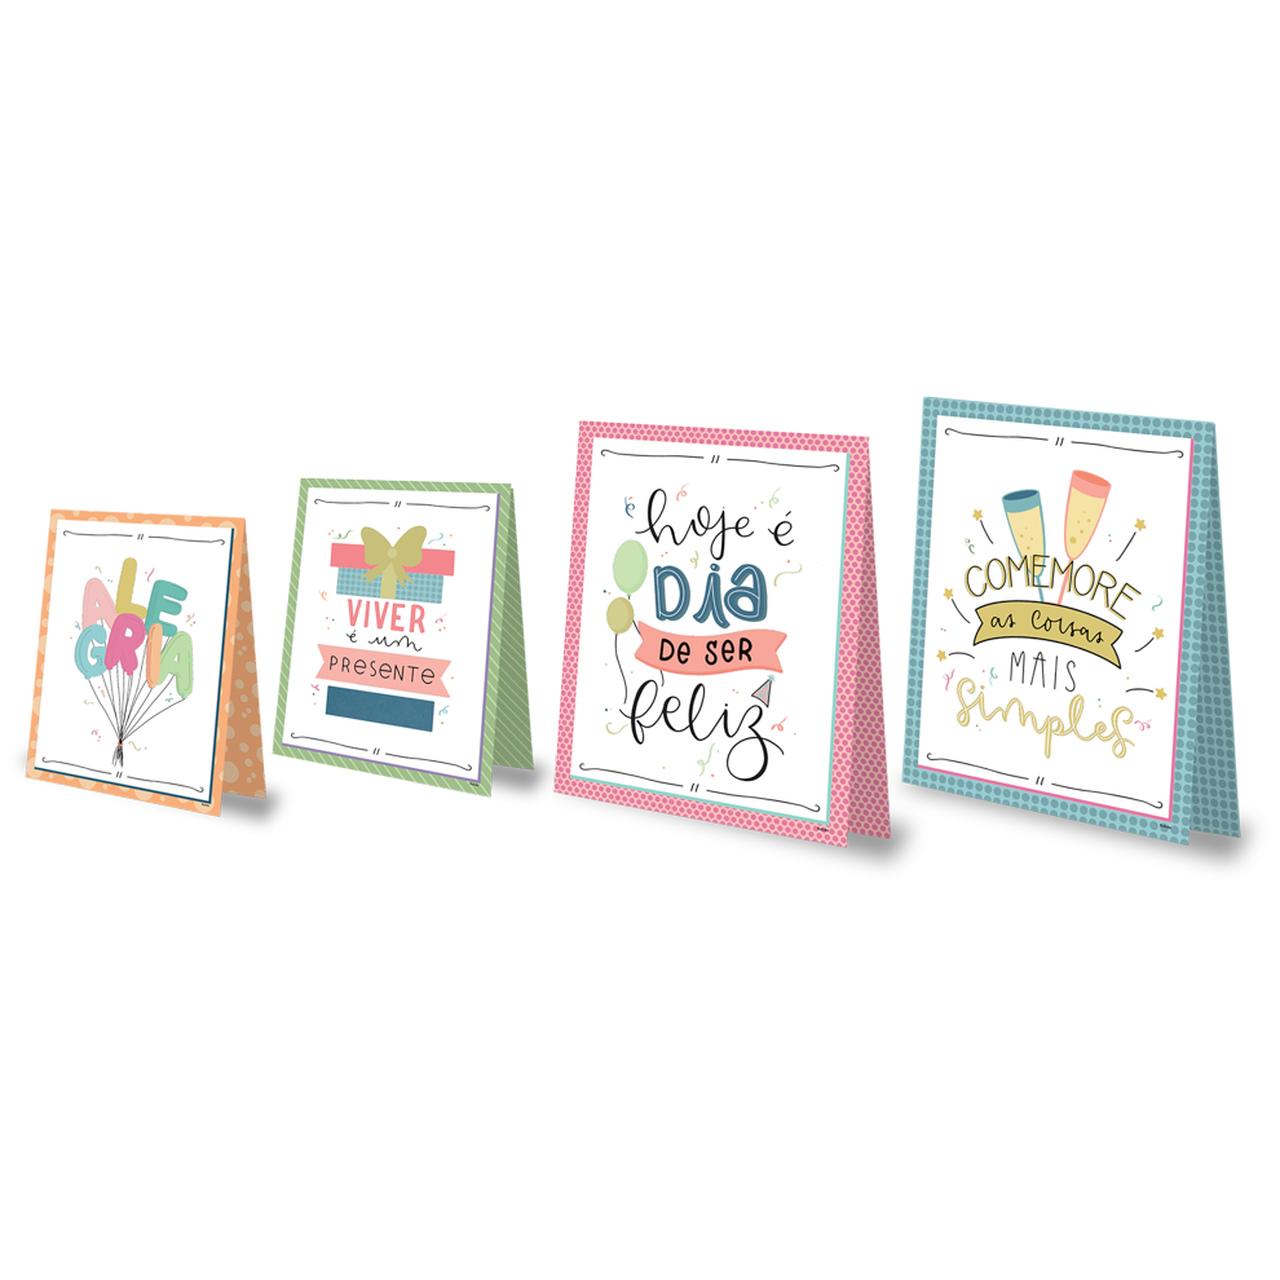 Kit Decorativo Só Um Bolinho Celebre a Vida